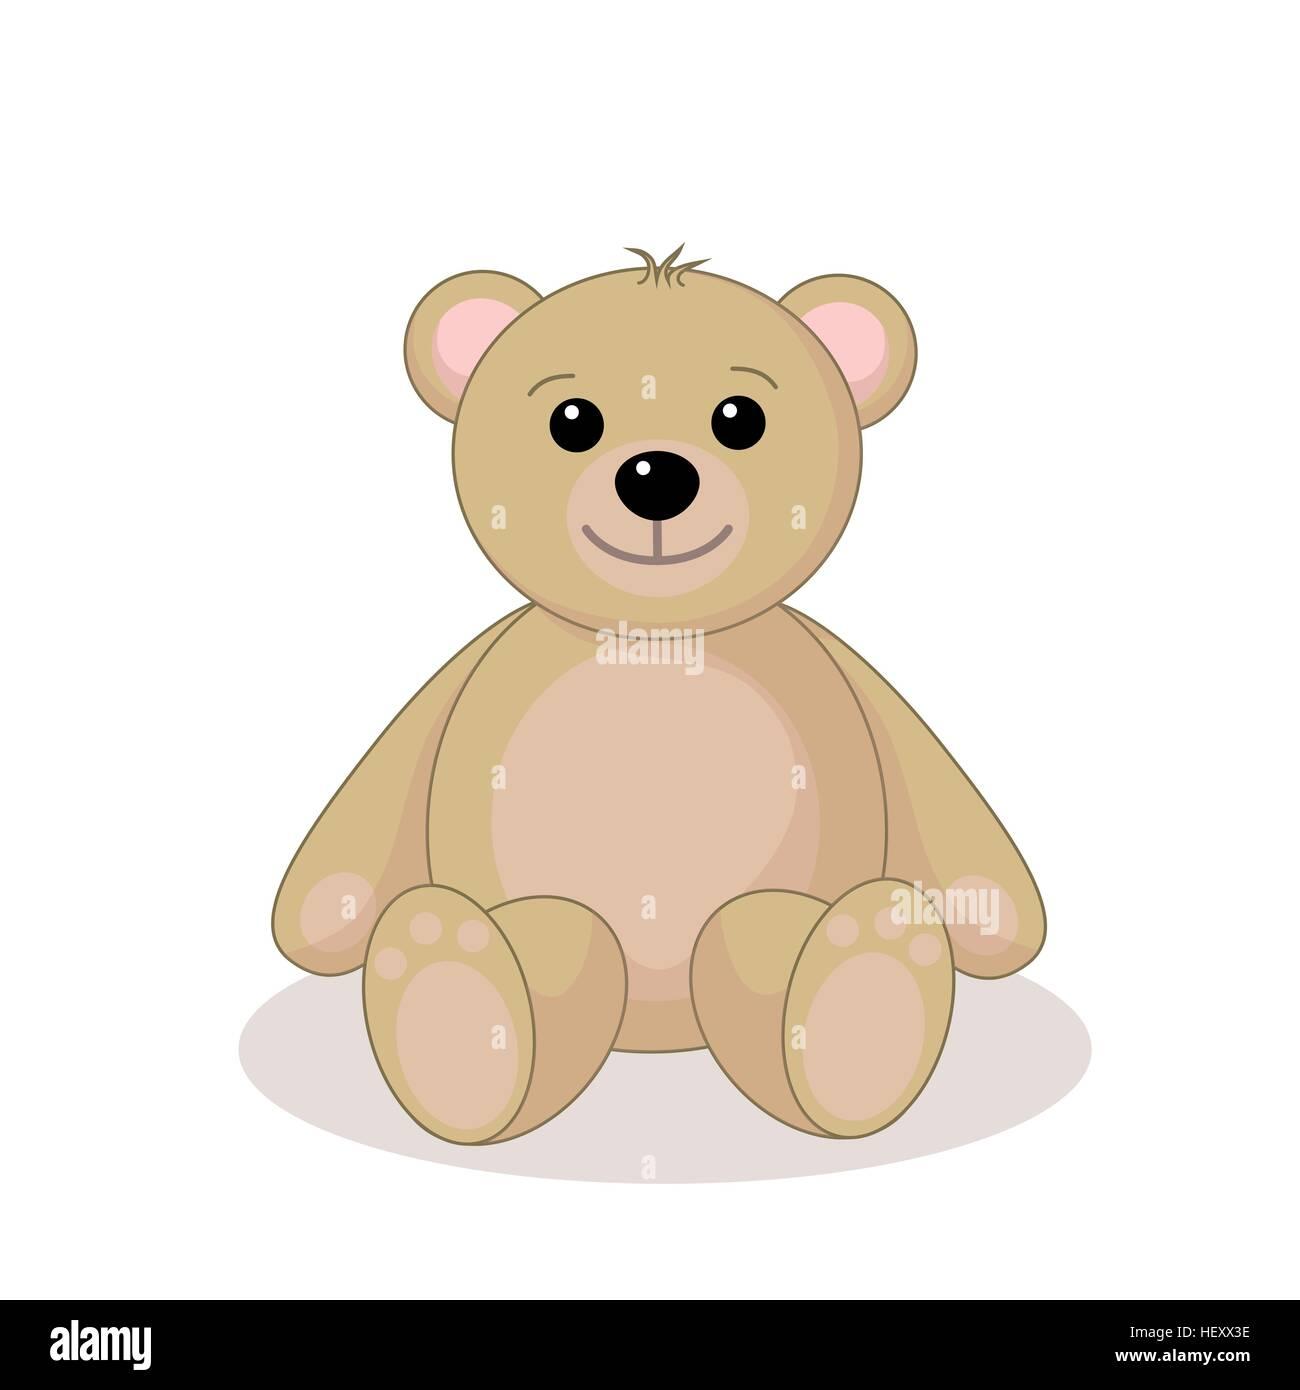 sweet teddy - Stock Image